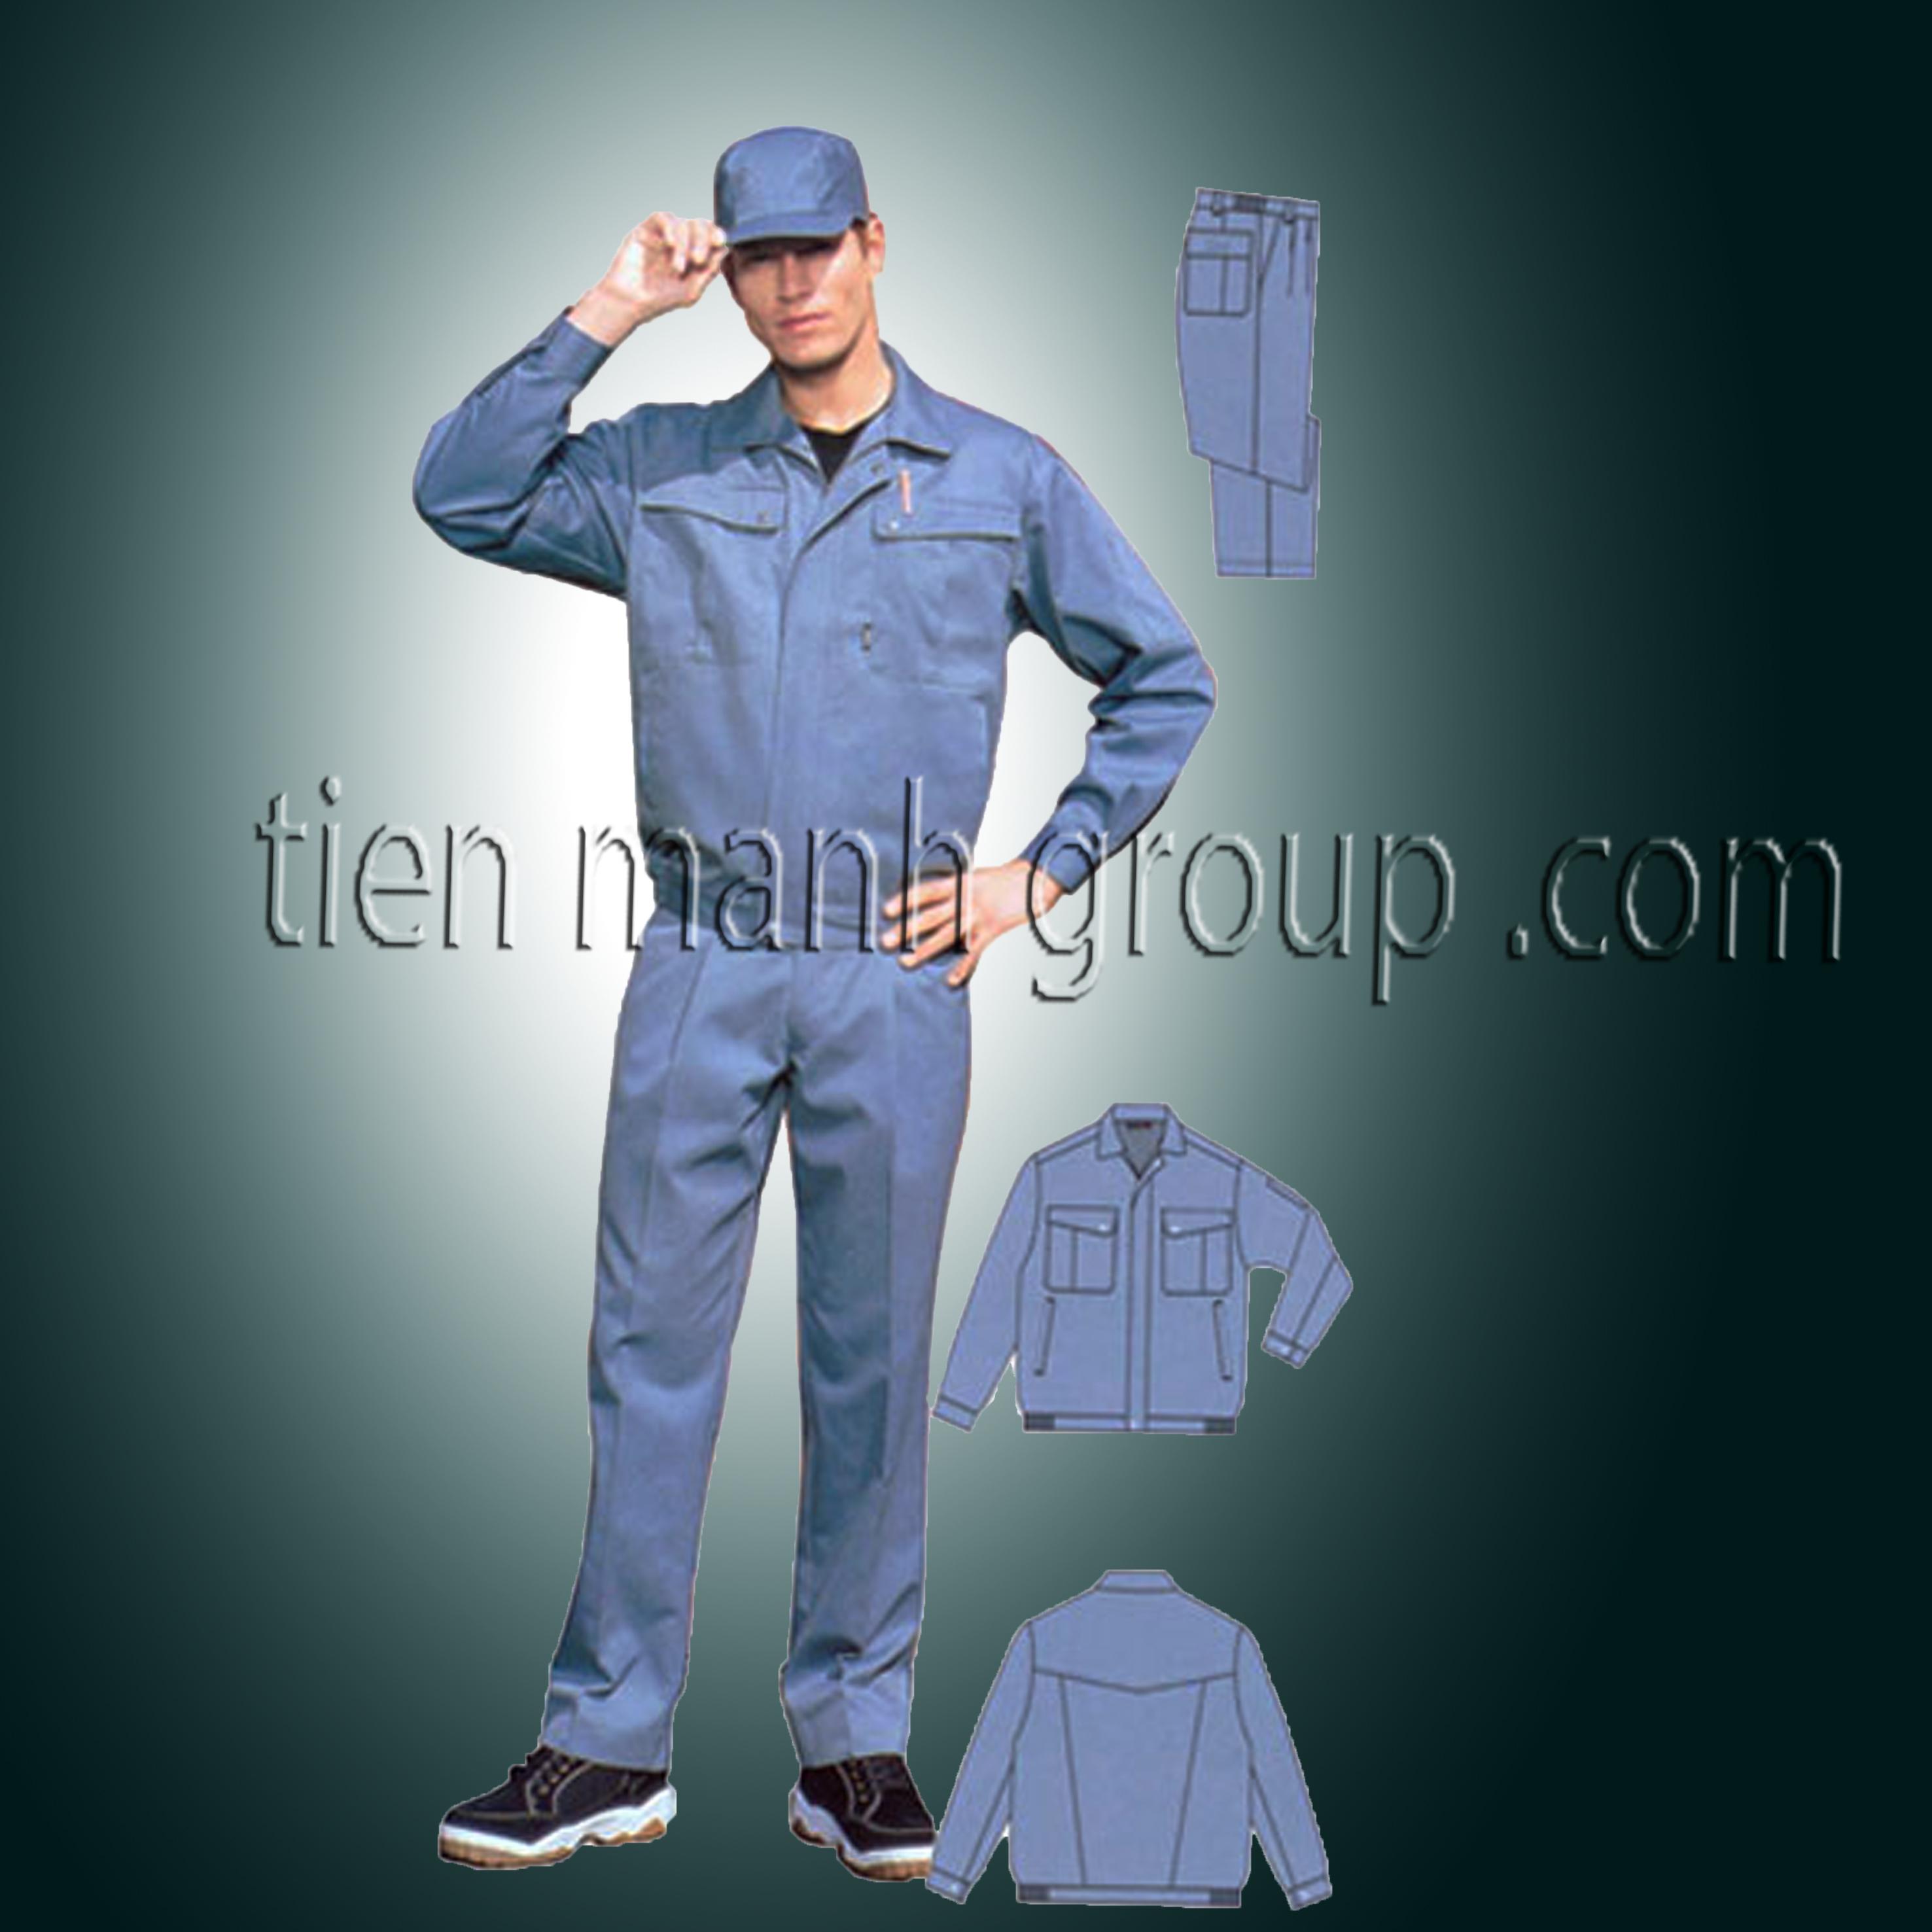 áo công nhân hot nhất mùa hè, quần áo rẻ đẹp cho nhân viên